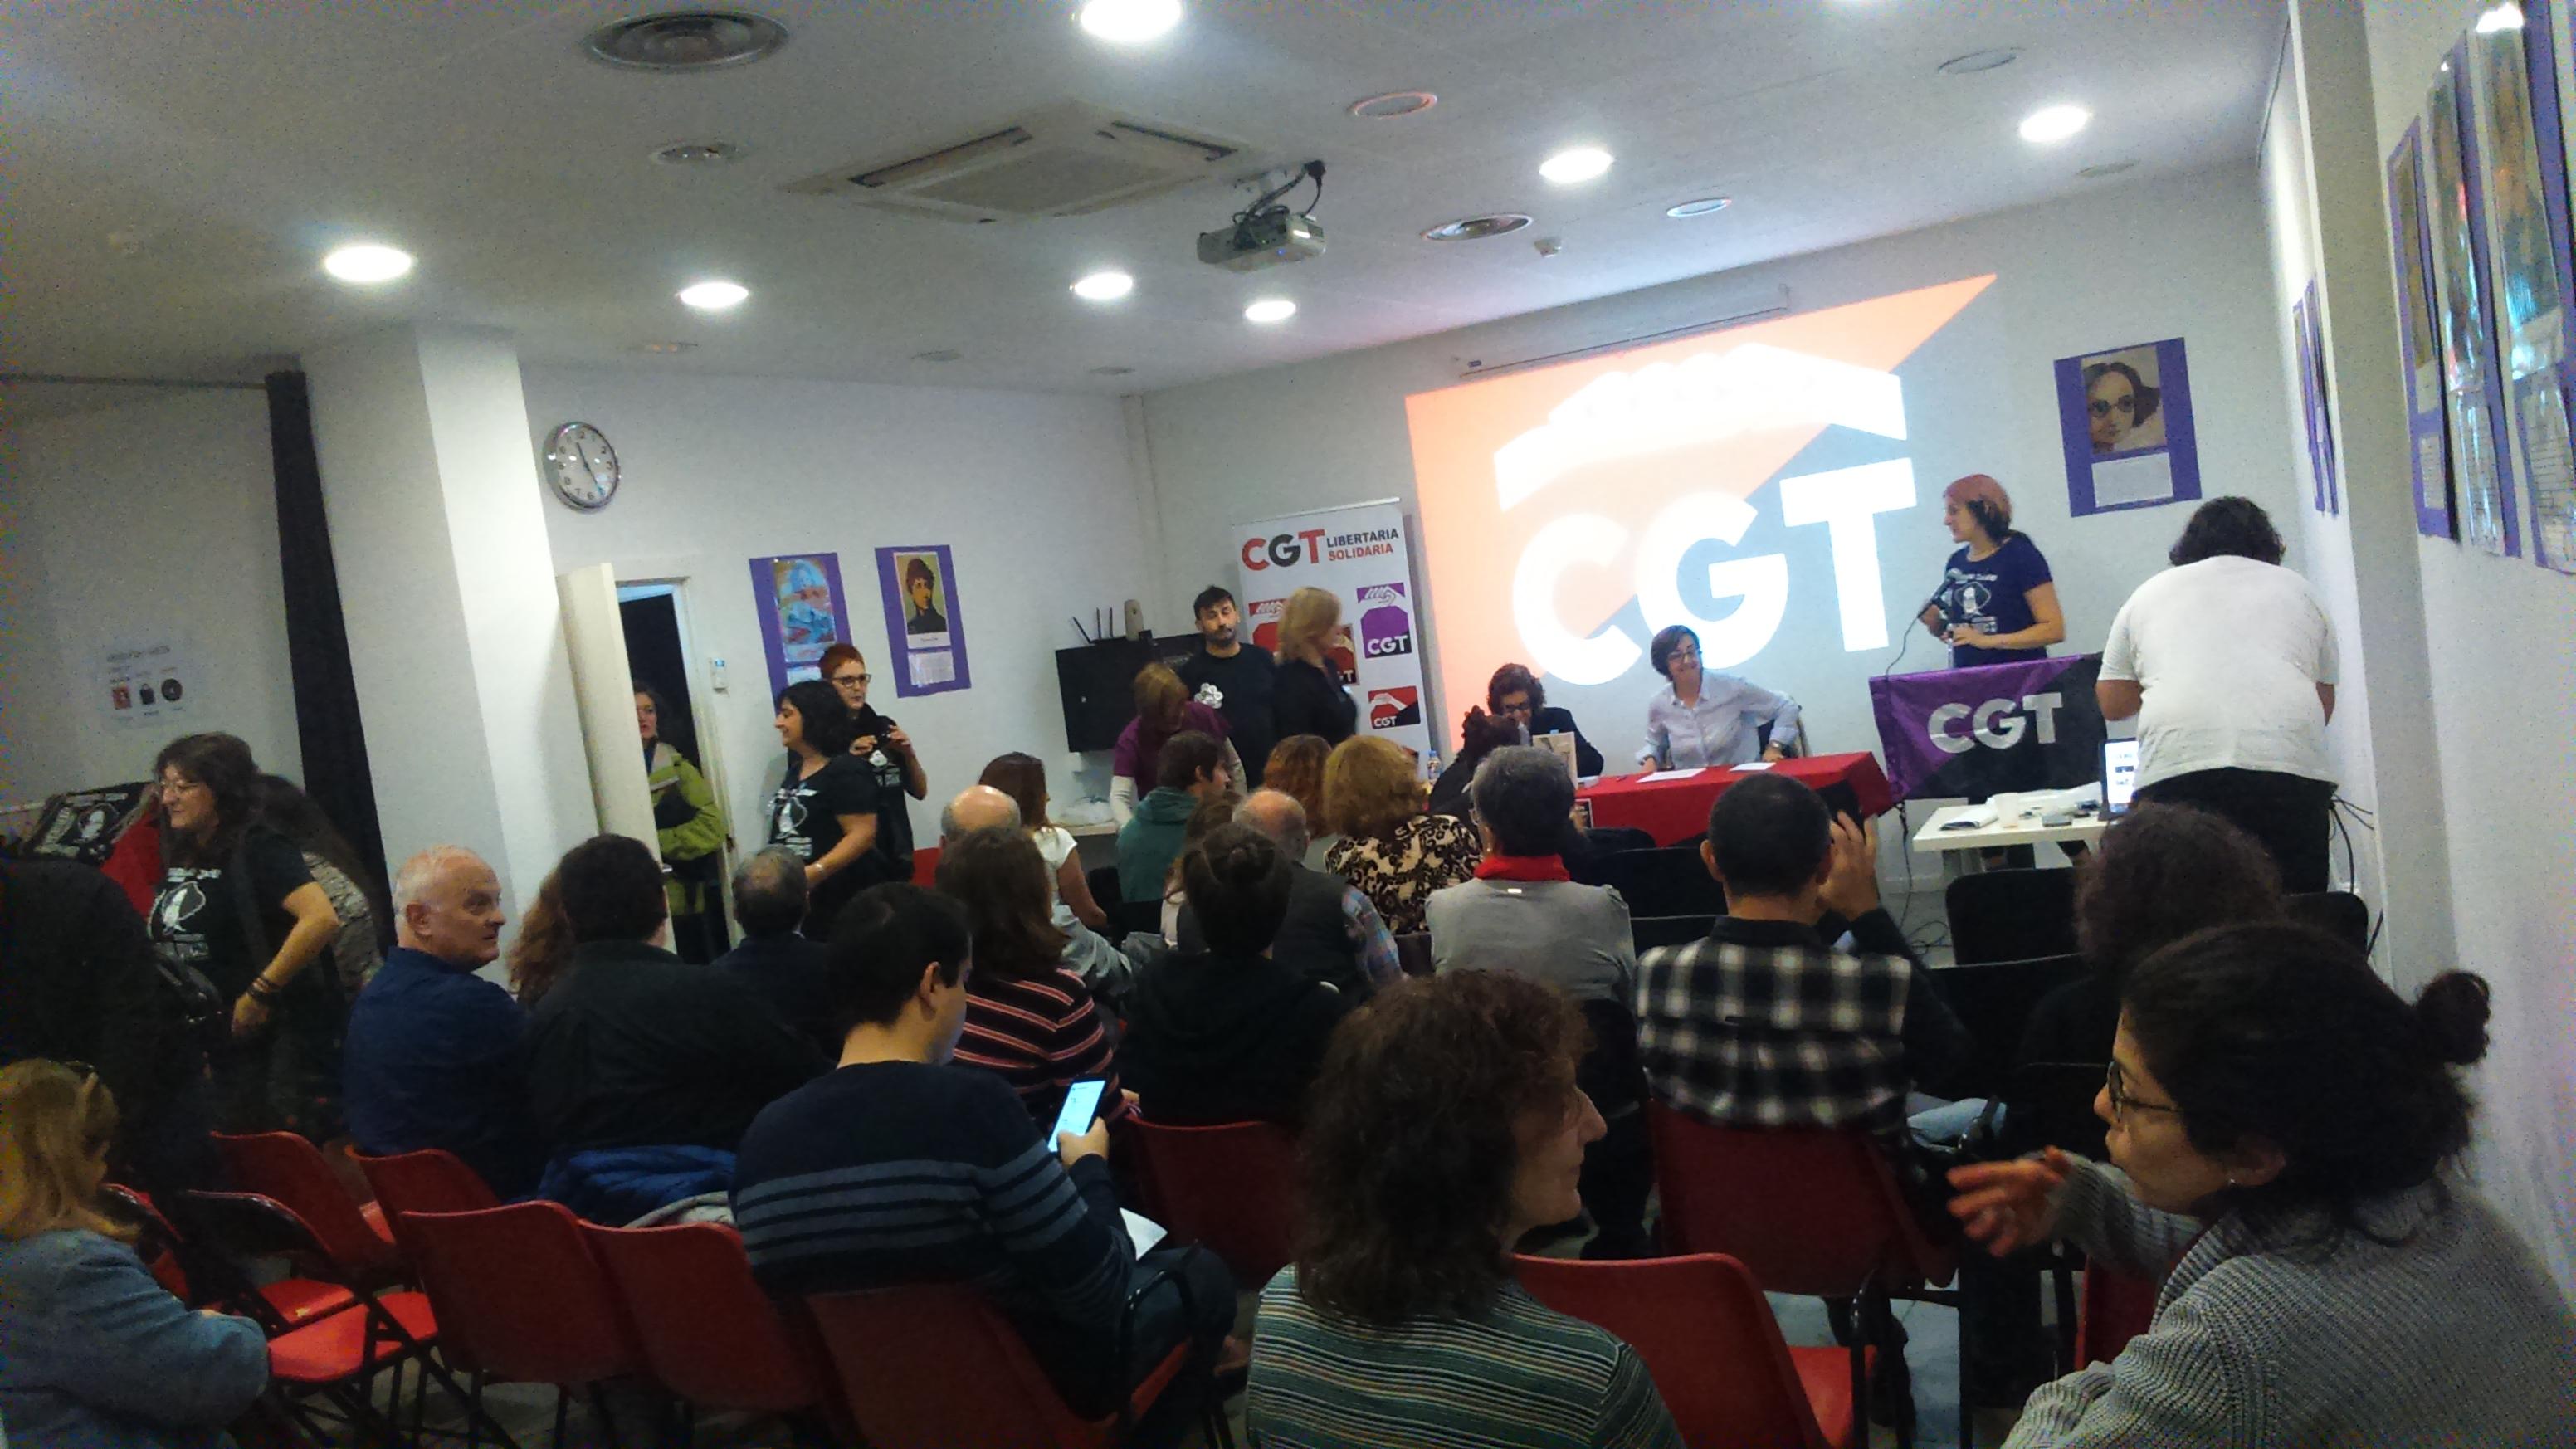 CGT inaugura otra nueva sede en Zaragoza con un homenaje a Amparo Poch